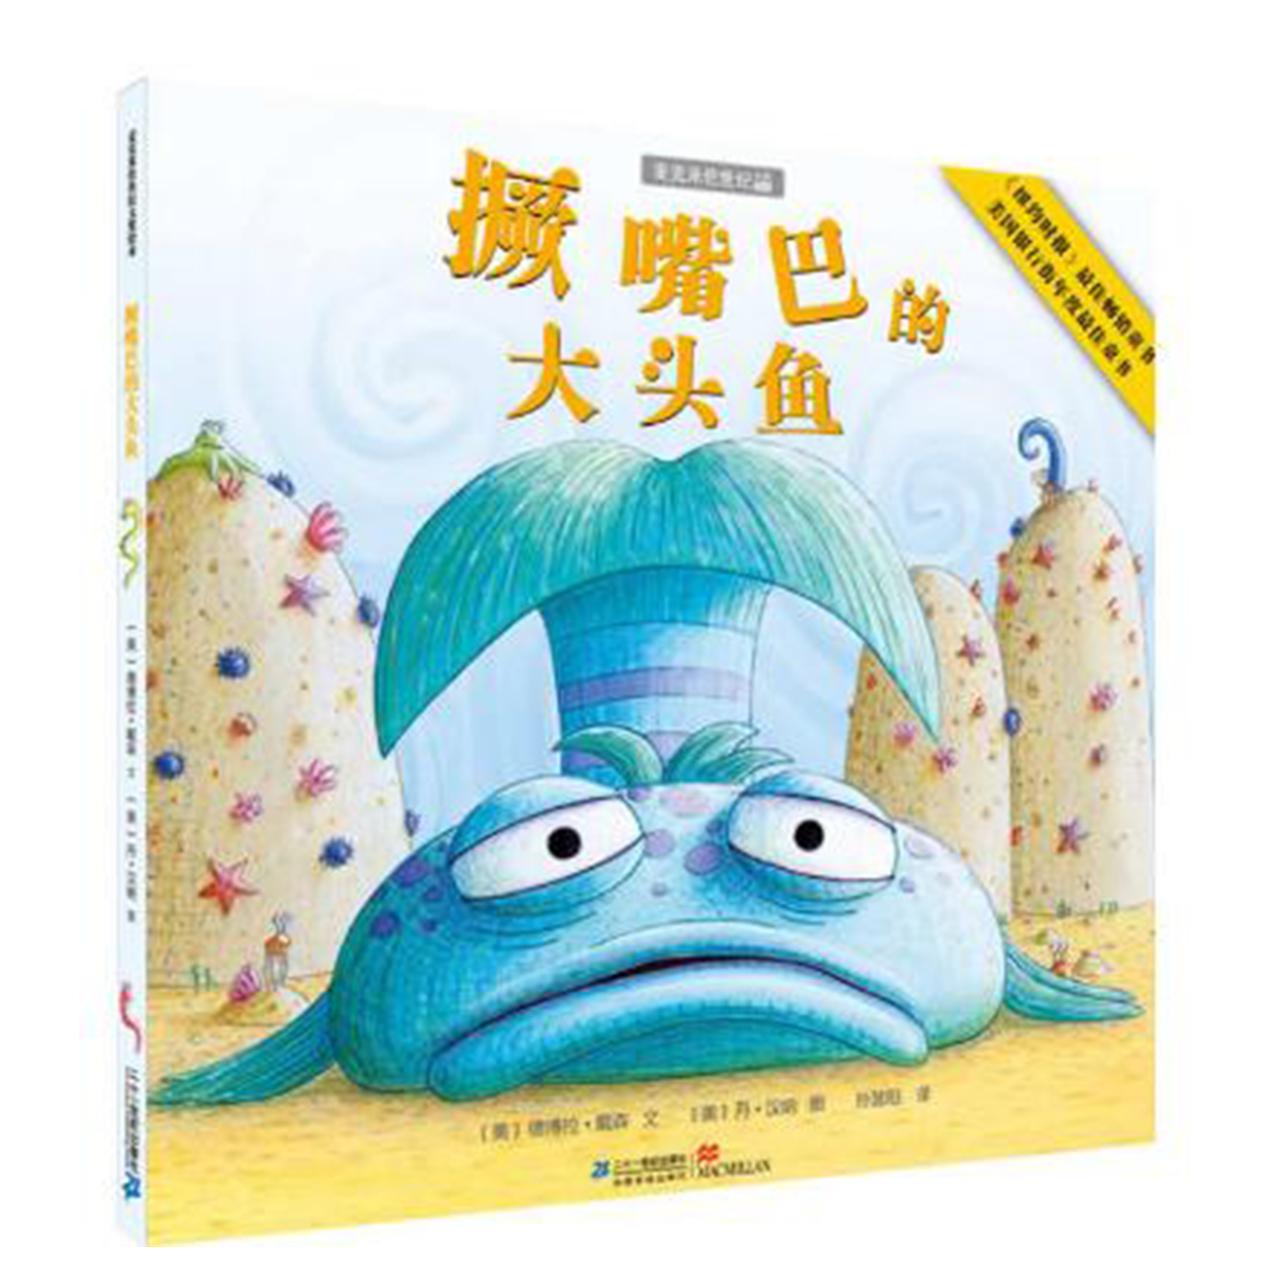 噘嘴巴的大头鱼 【儿童绘本/翻译绘本/有趣故事】